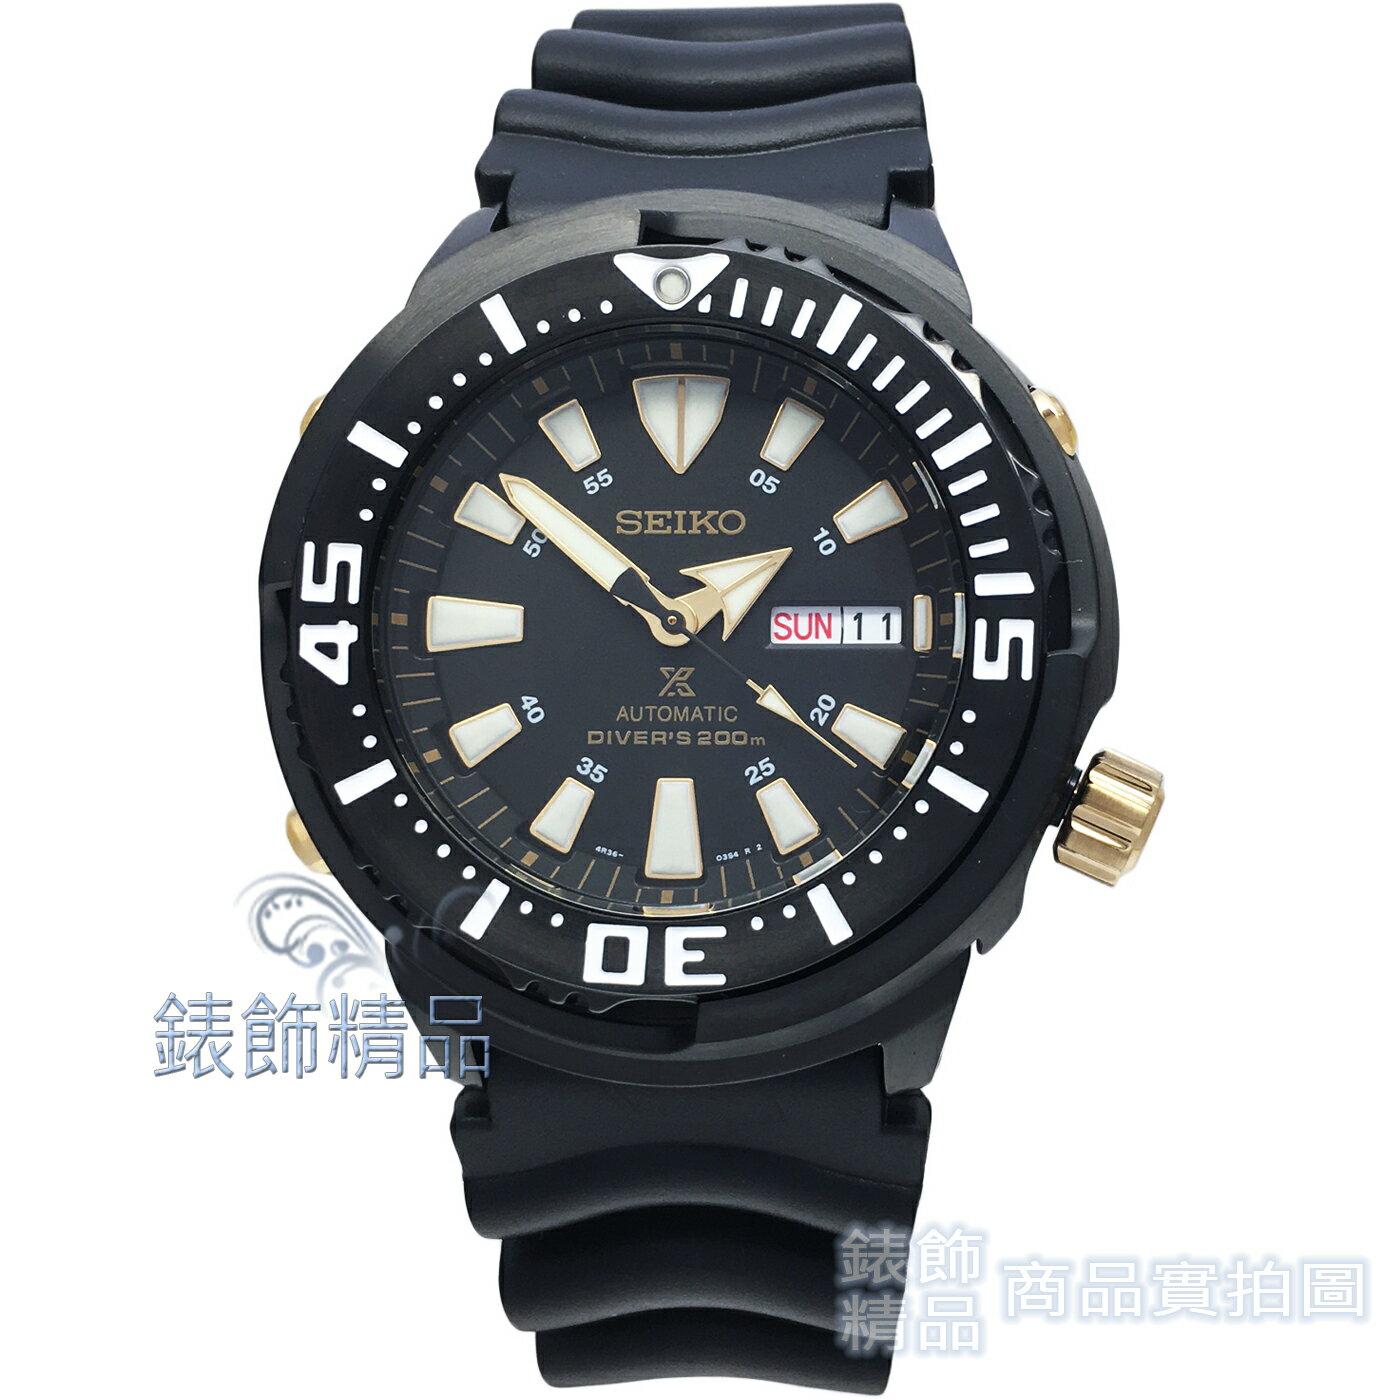 【錶飾精品】SEIKO精工表 SRP641K1 PROSPEX 鮪魚罐頭200米潛水機械錶 SRP641 男錶 全新原廠正品 情人生日禮物